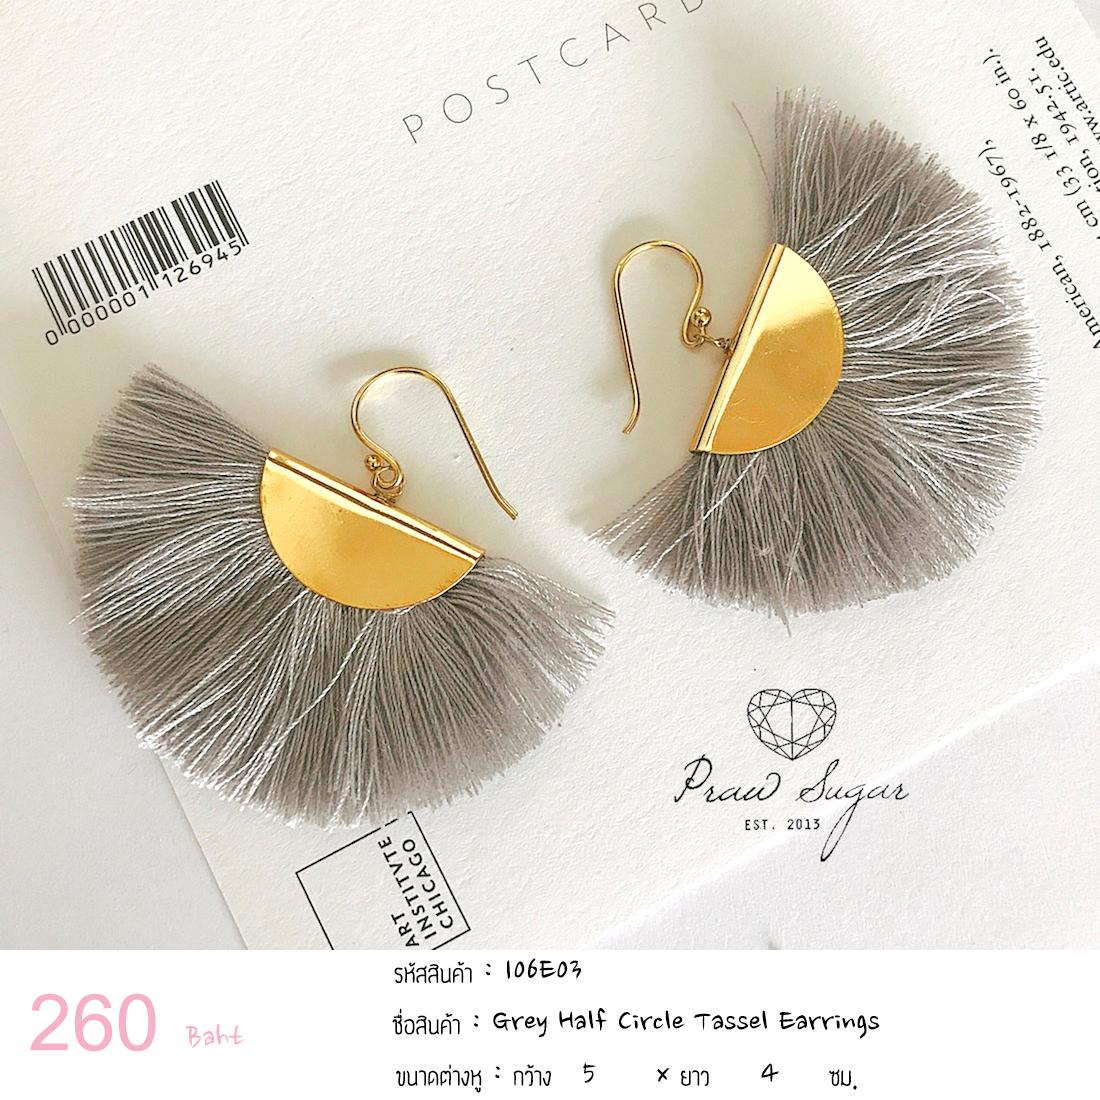 Grey Half Circle Tassel Earrings